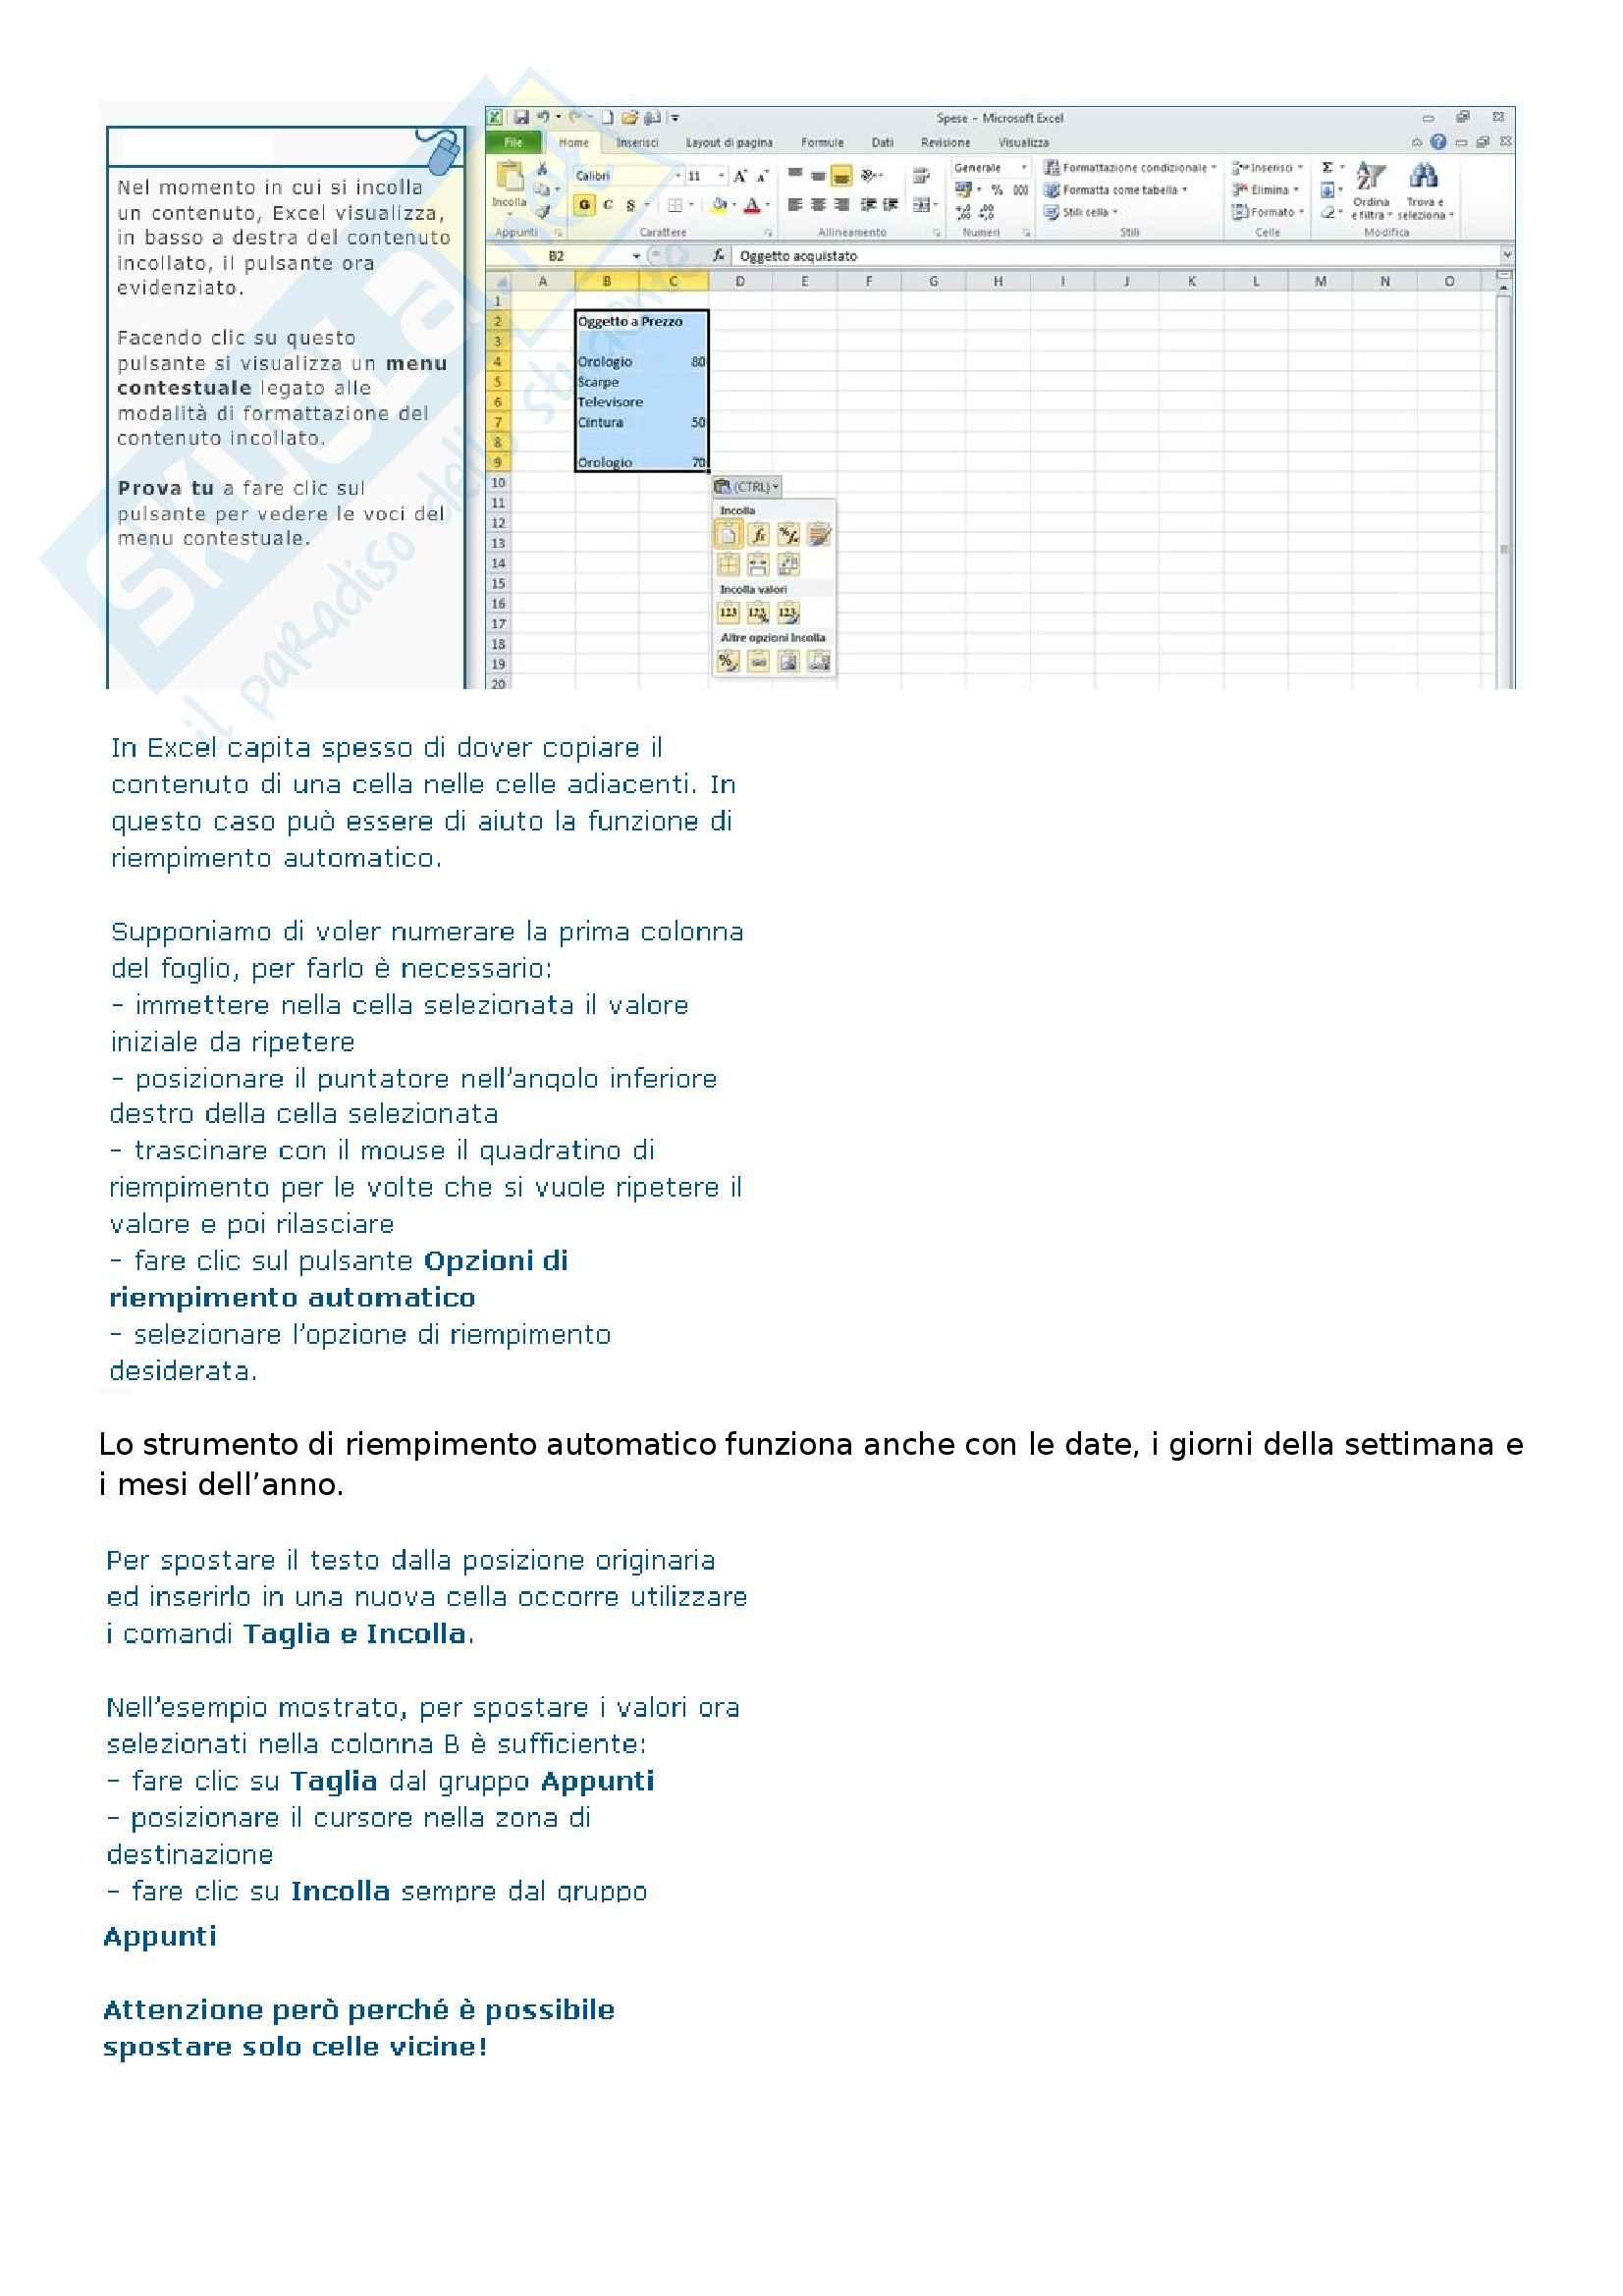 Ict e società dell'informazione - Come utilizzare i fogli di calcolo di Excel 2010 Pag. 21